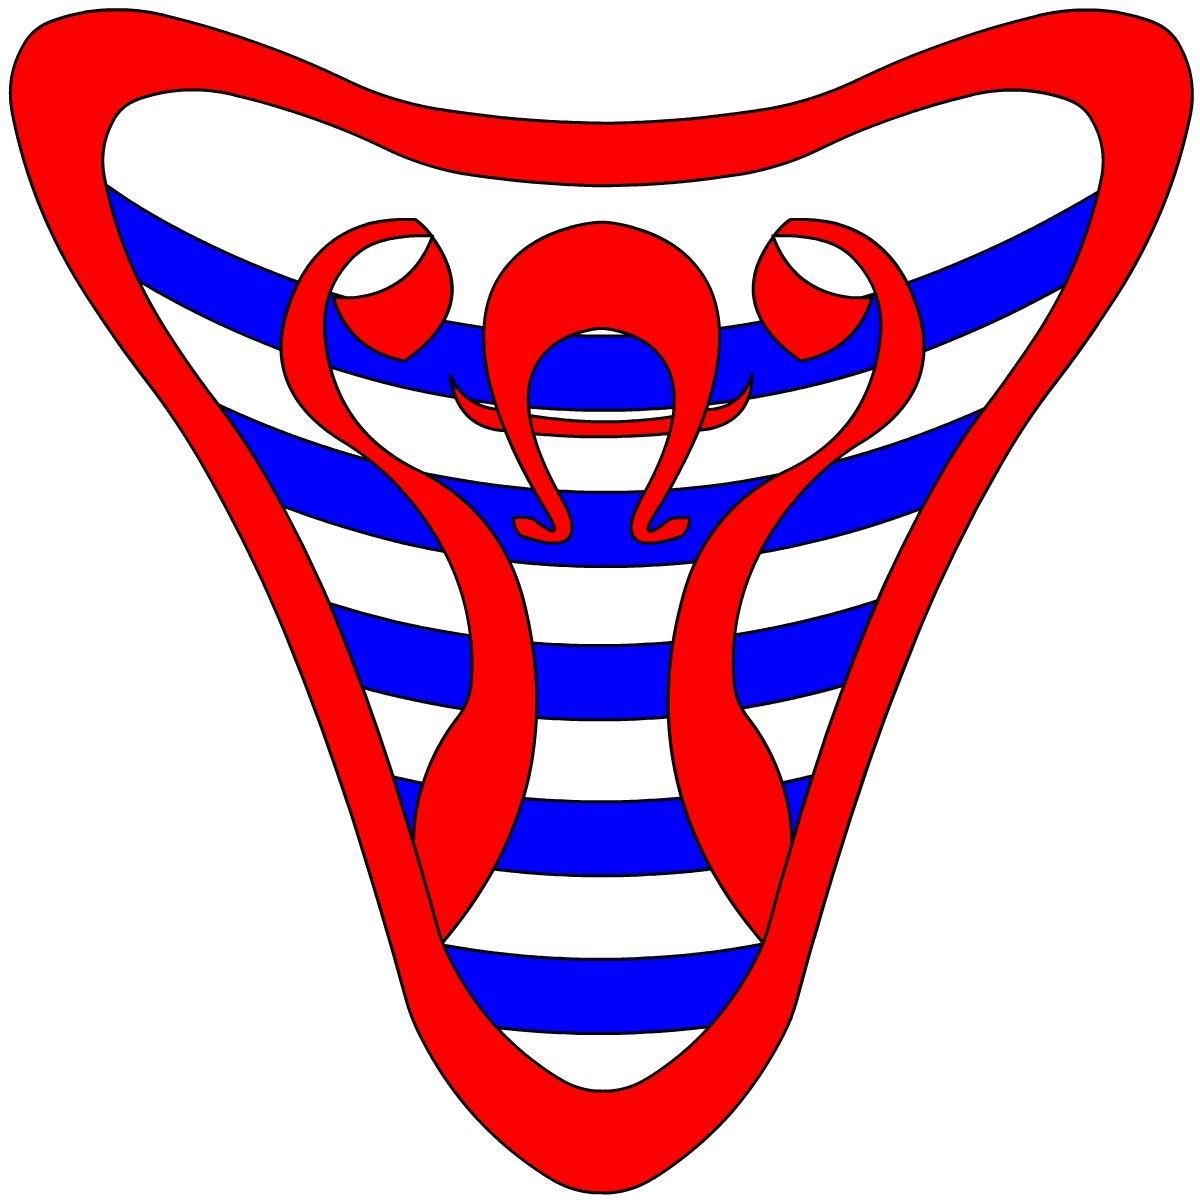 Логотип для Футбольного клуба  - дизайнер Andy